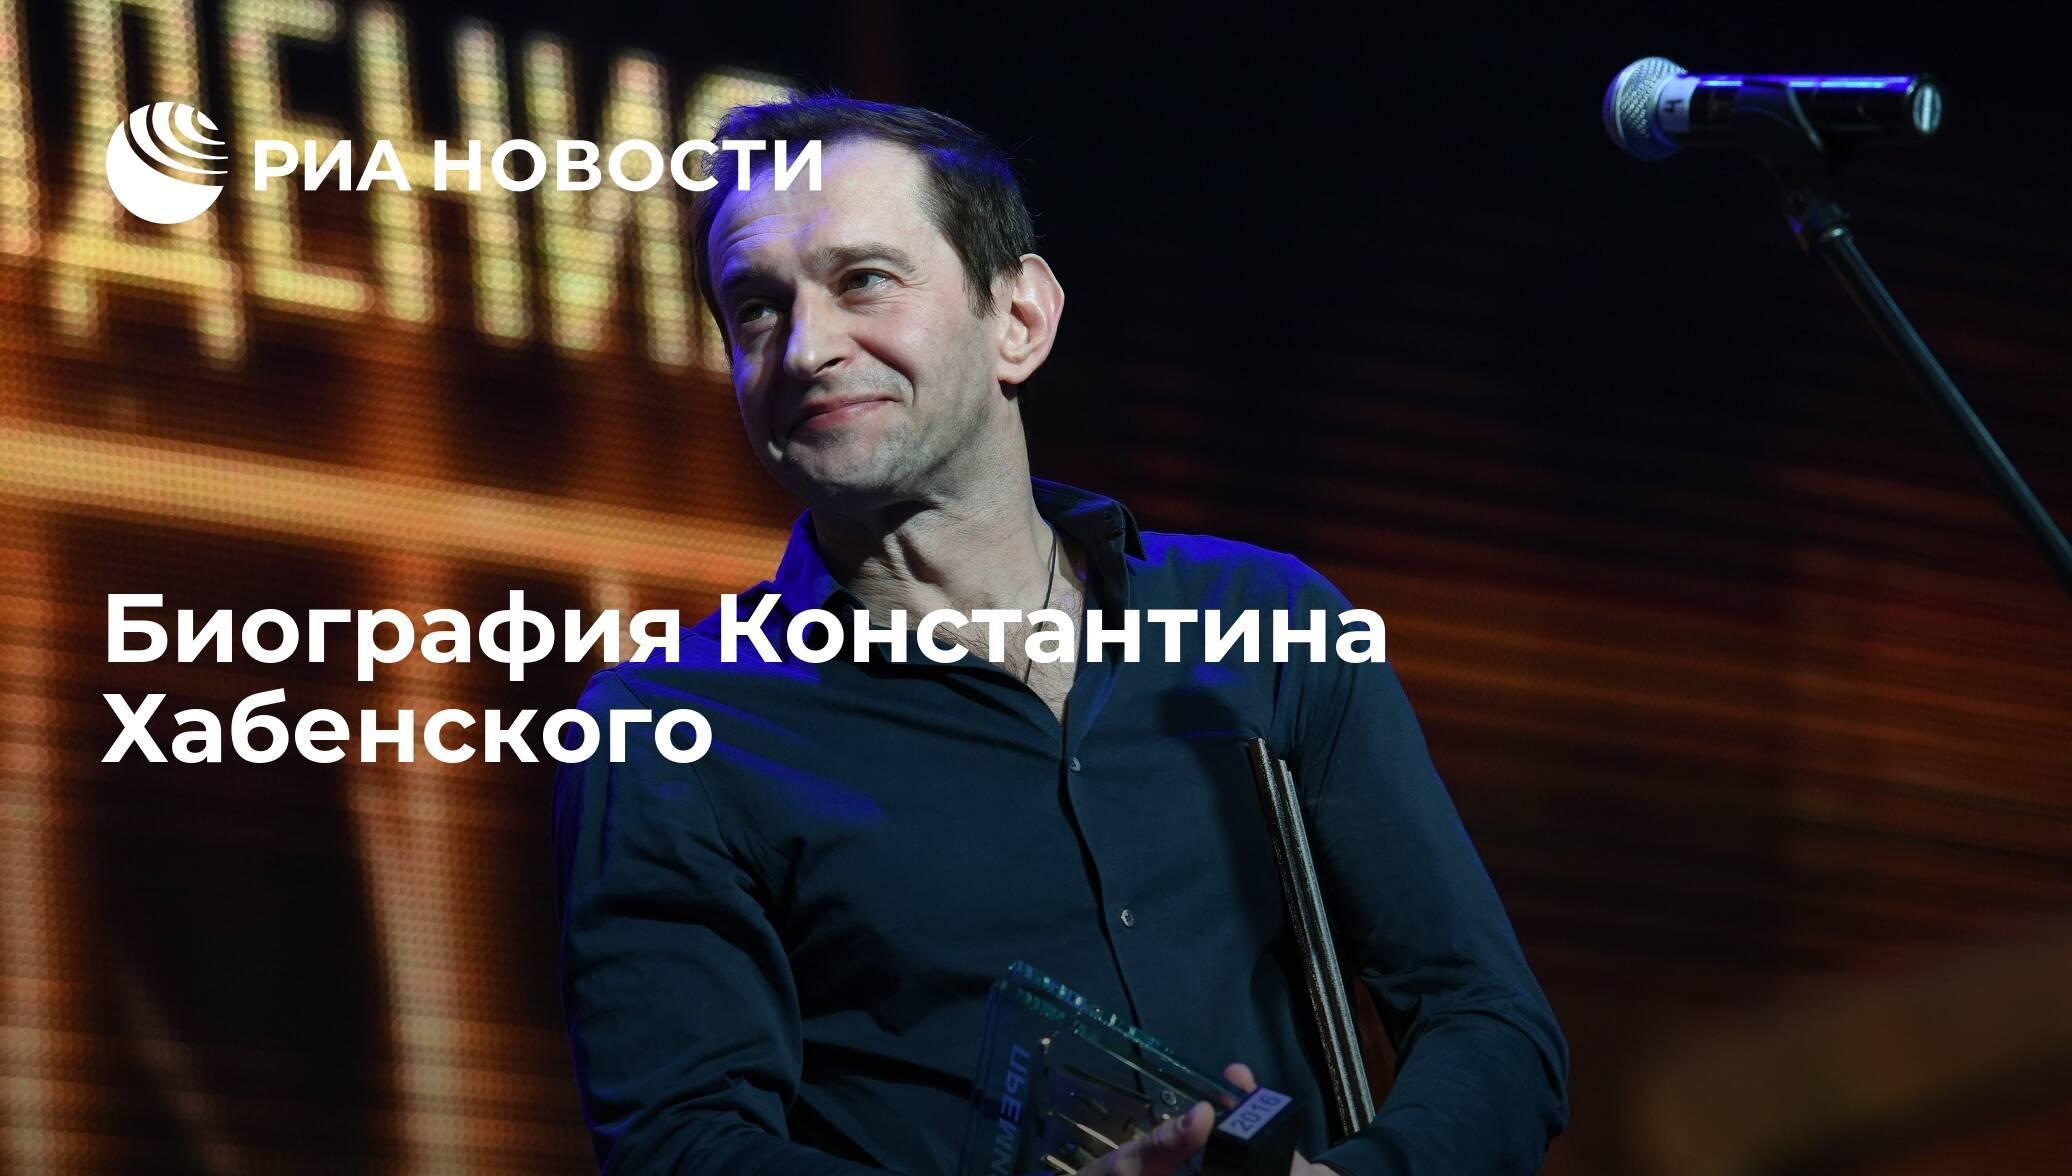 Константин хабенский: краткая биография, фото и видео личная жизнь